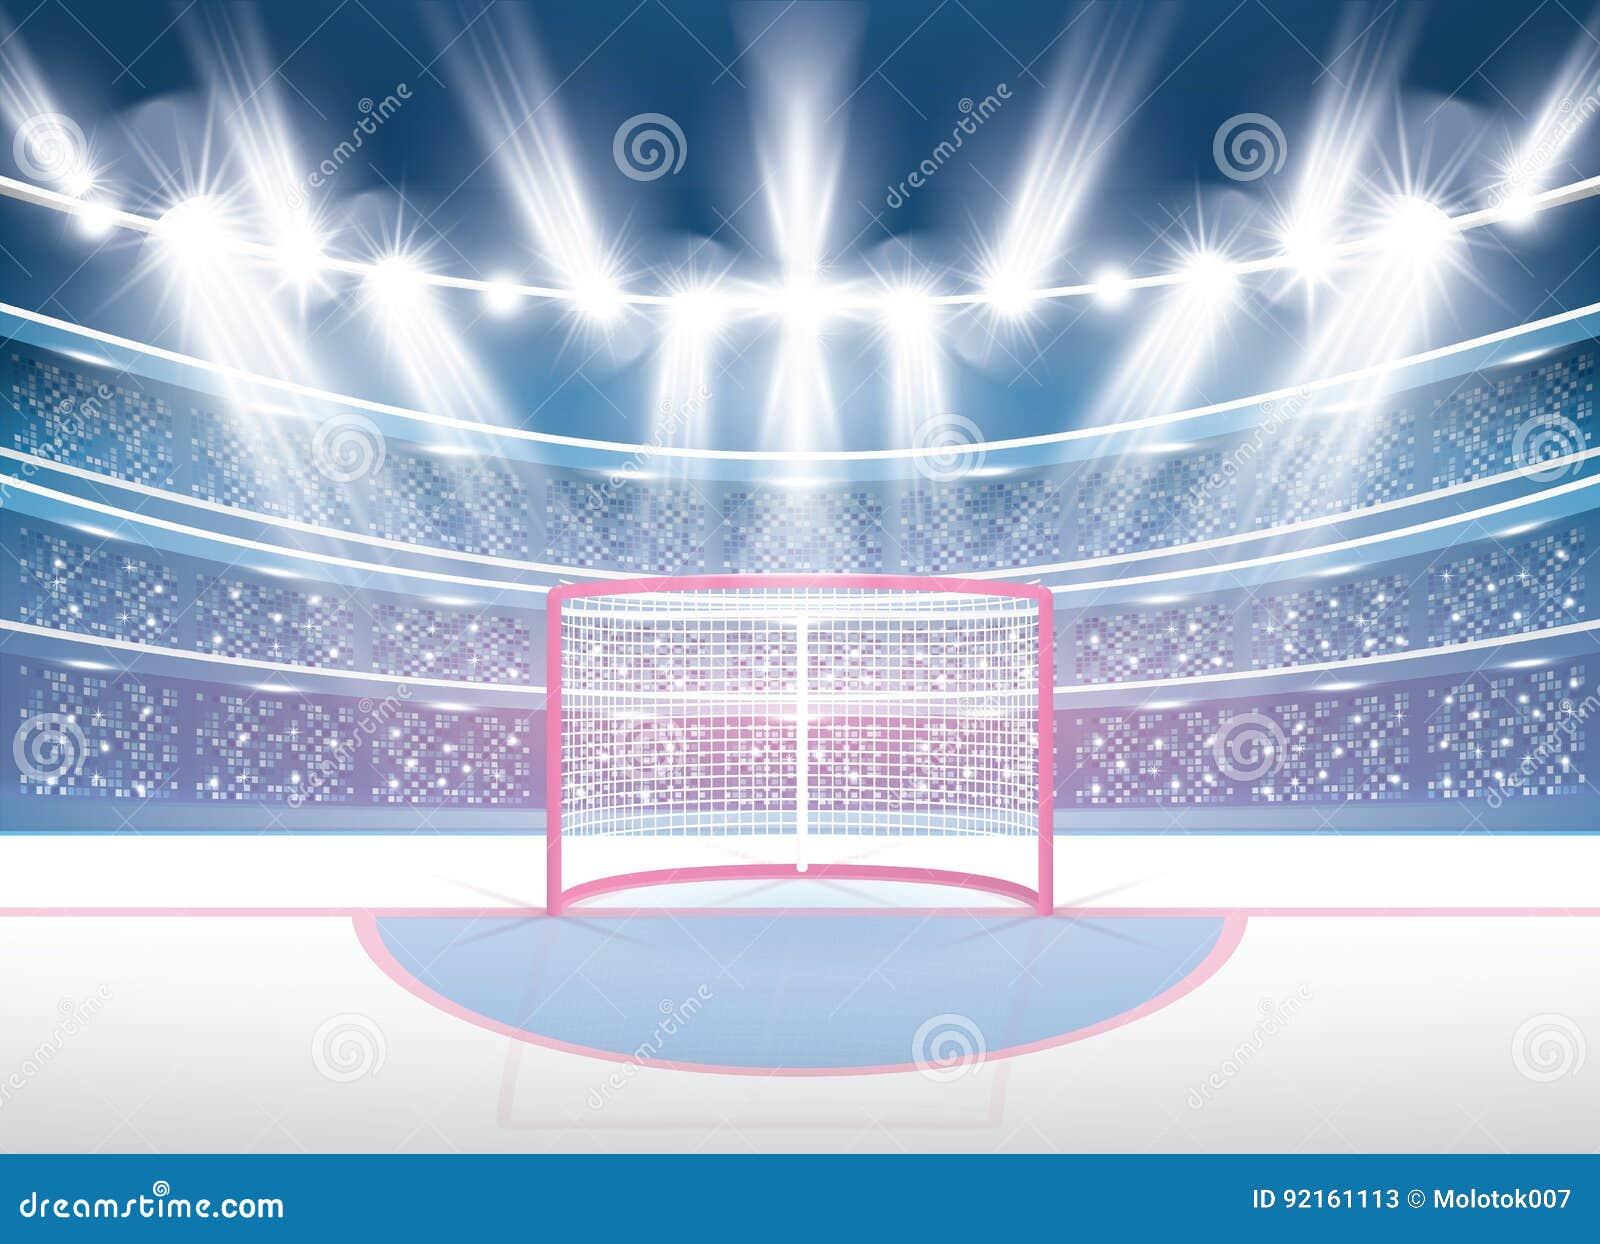 Stadio del hockey su ghiaccio con i riflettori e lo scopo rosso